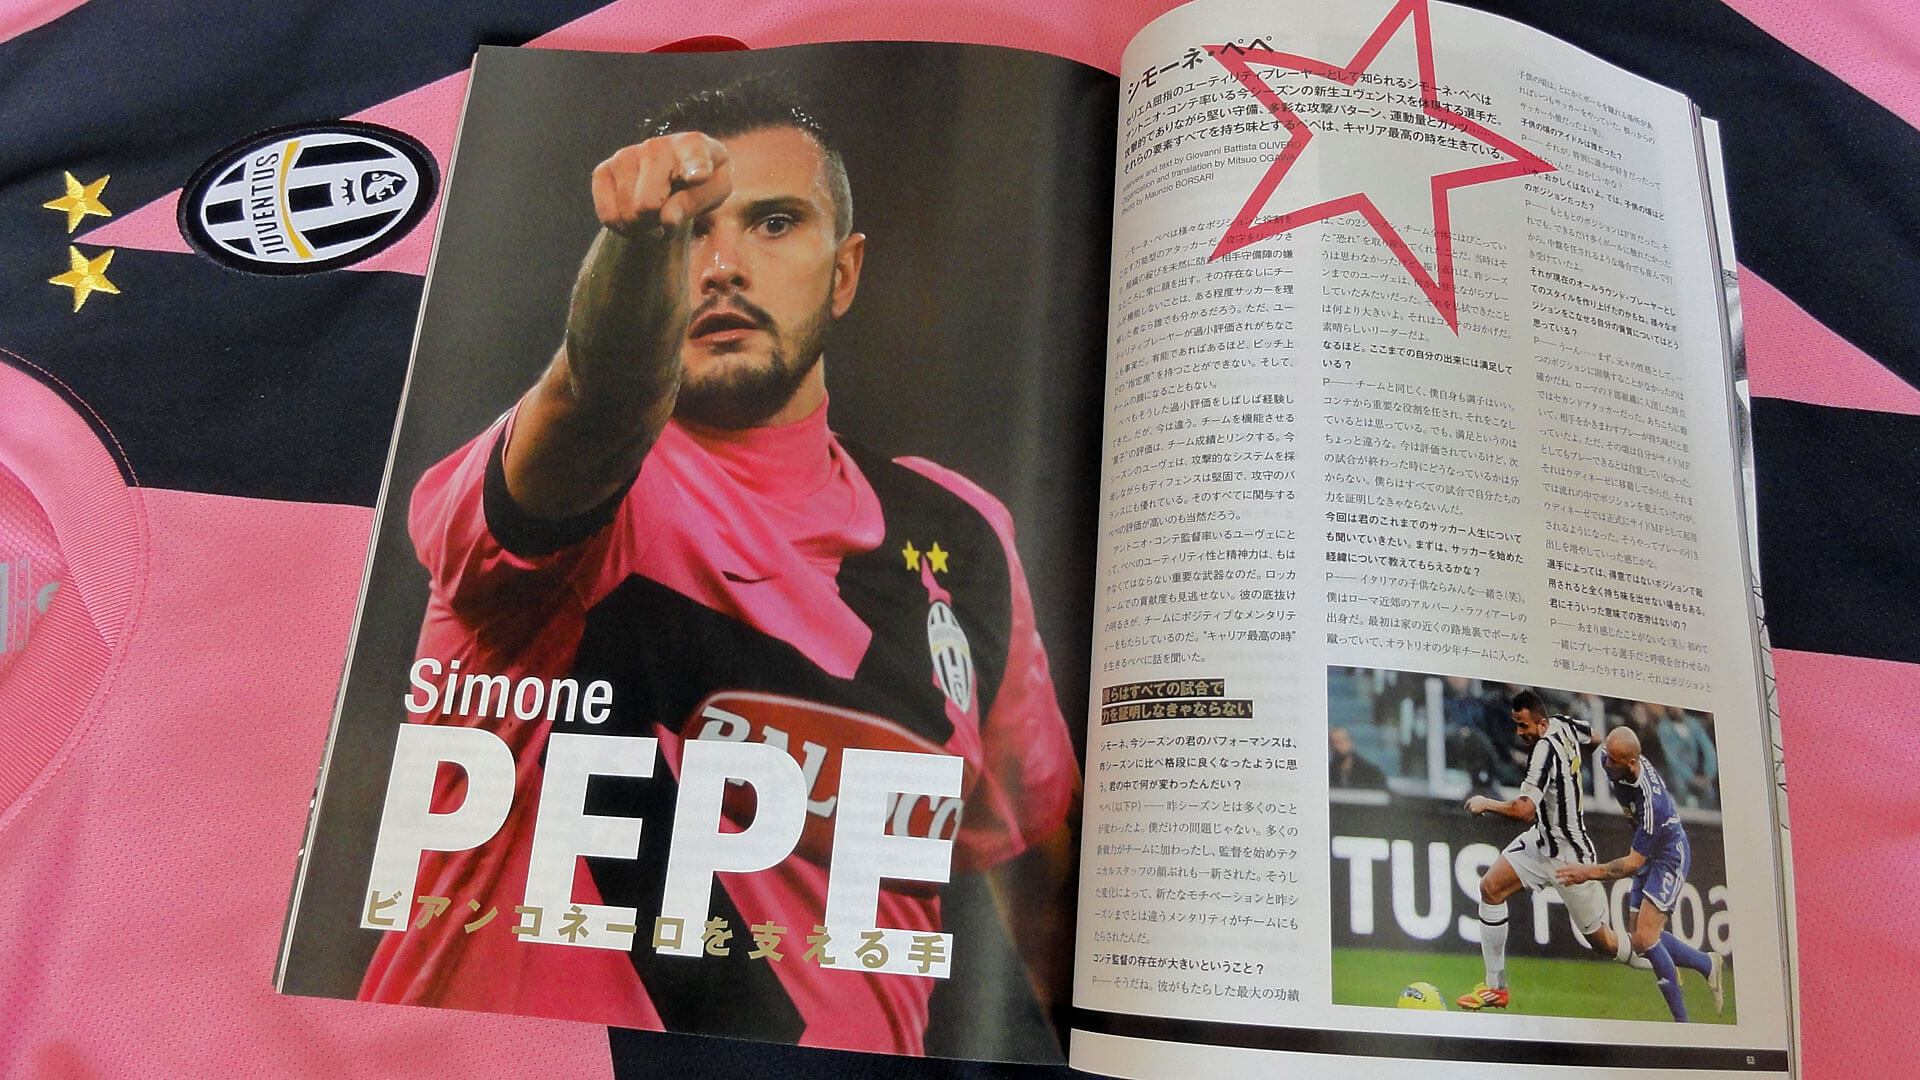 Simone Pepe